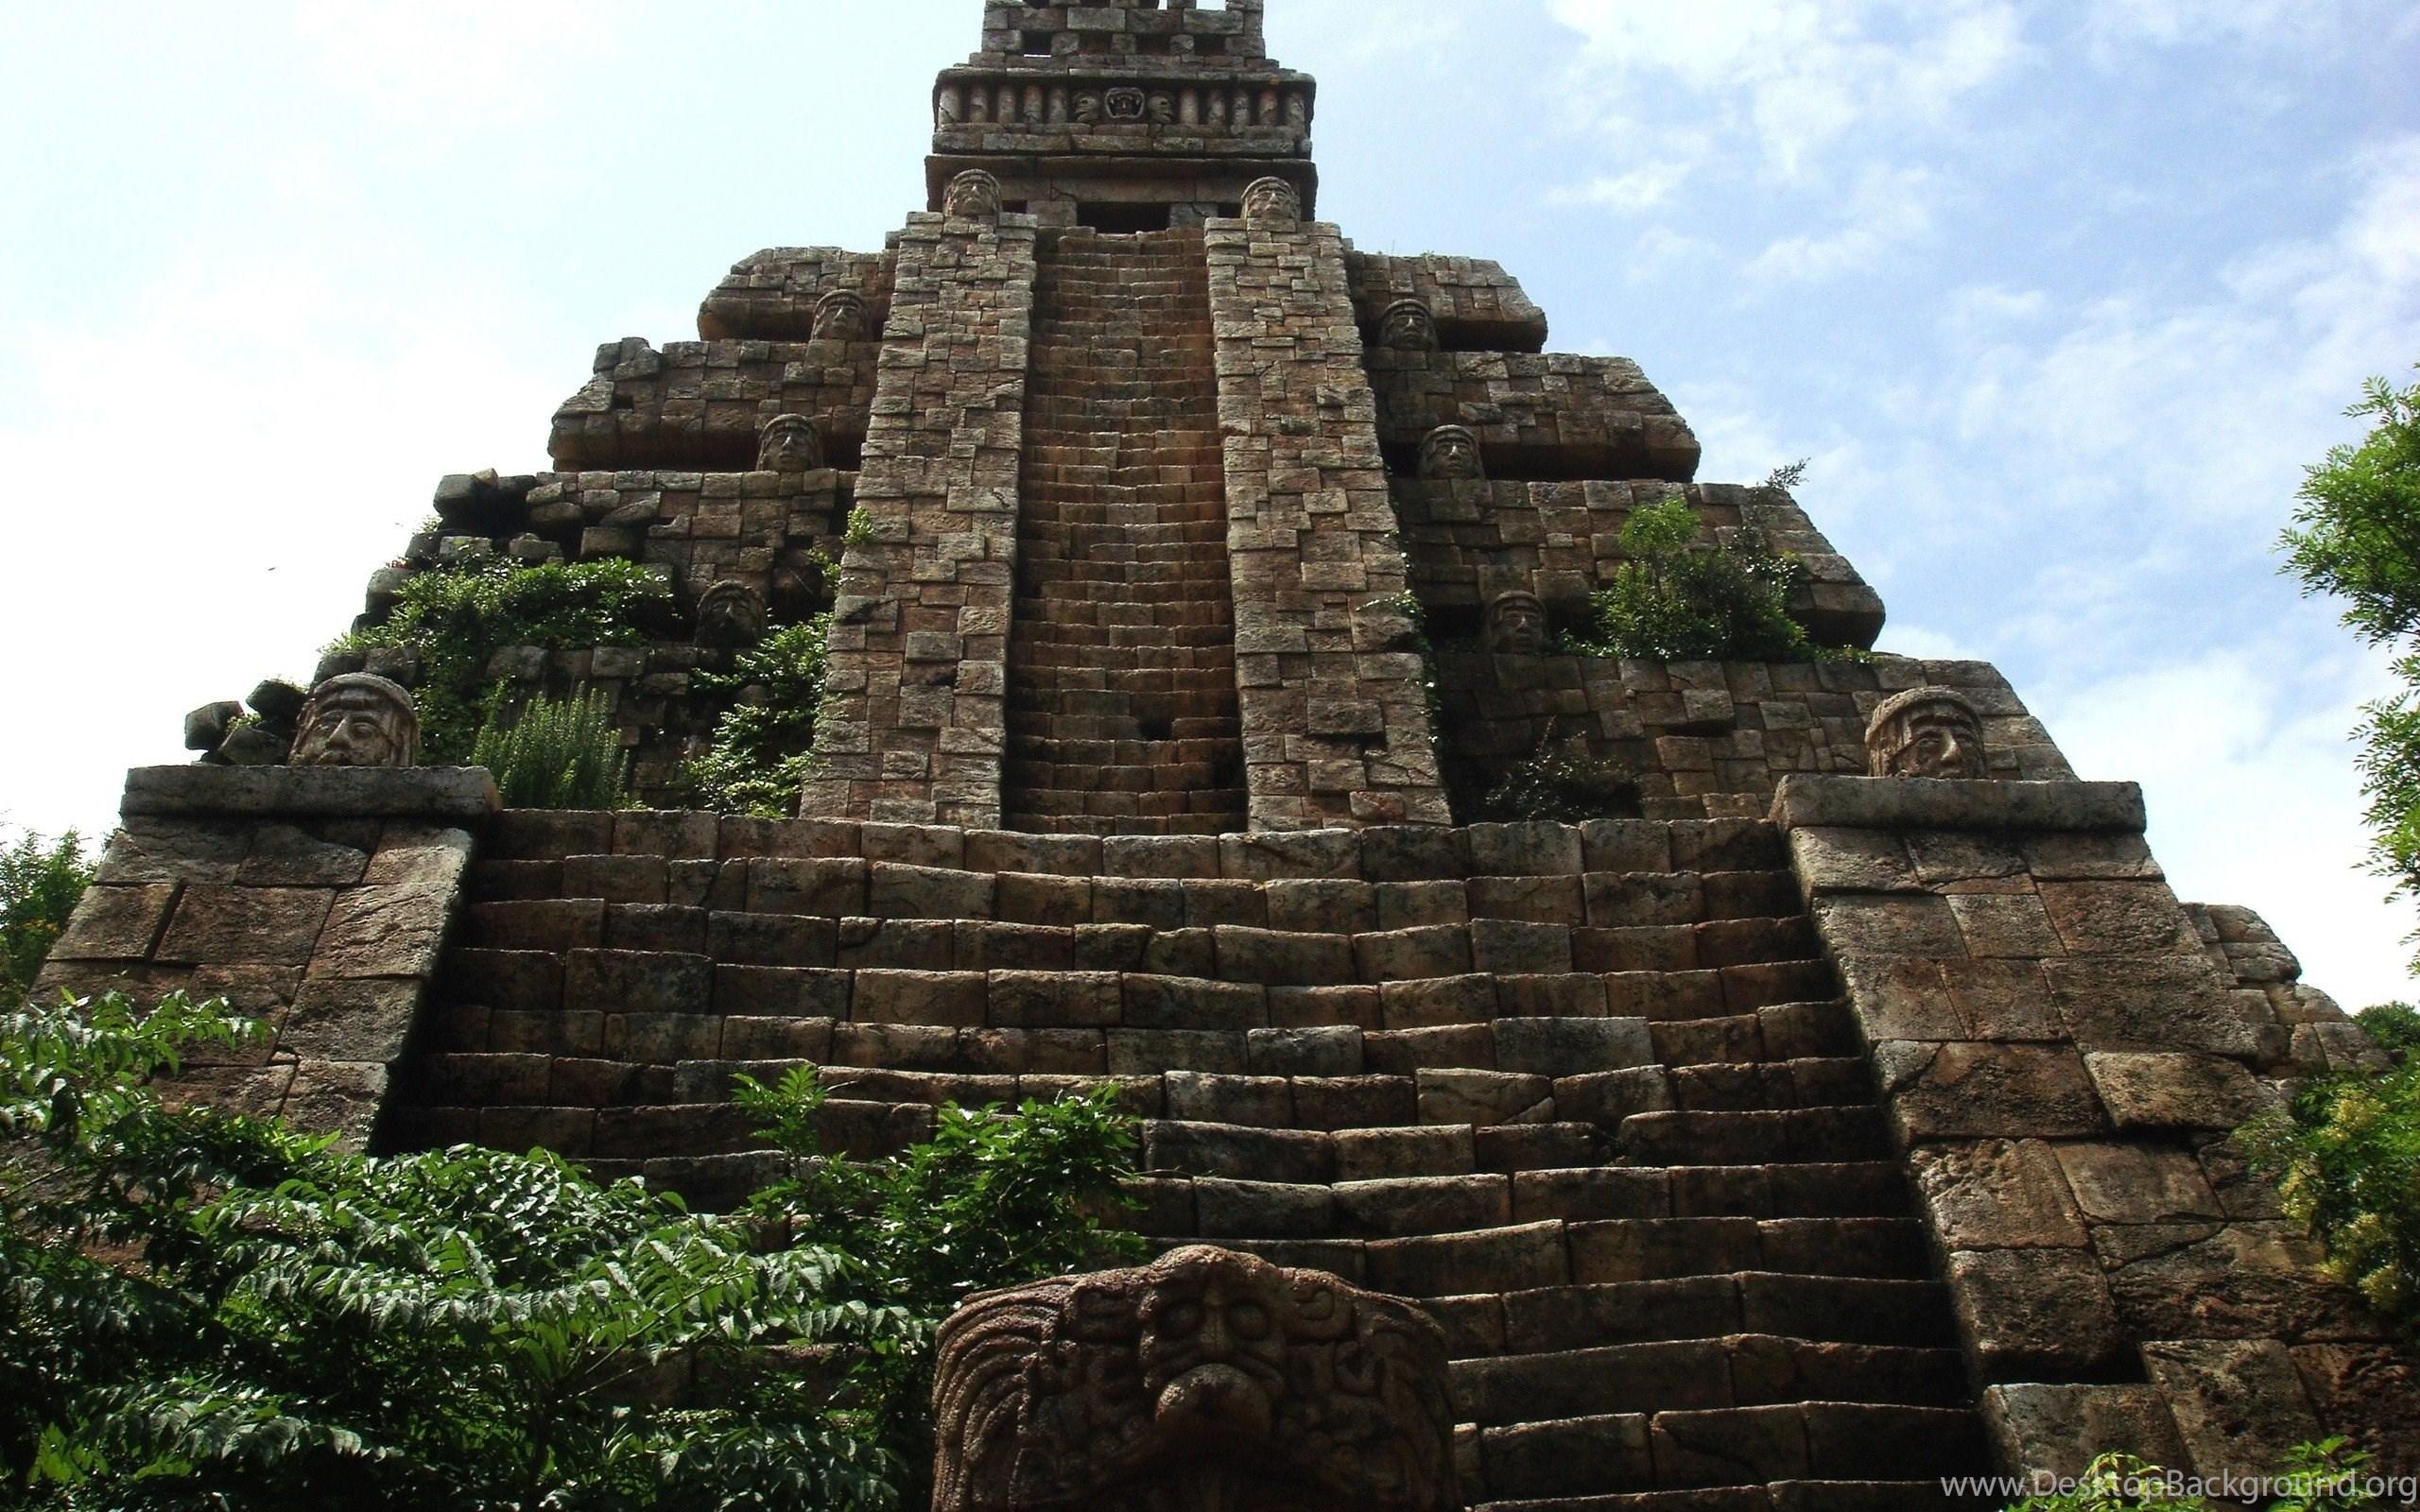 10 major achievements of the ancient aztec civilization - HD1792×1120